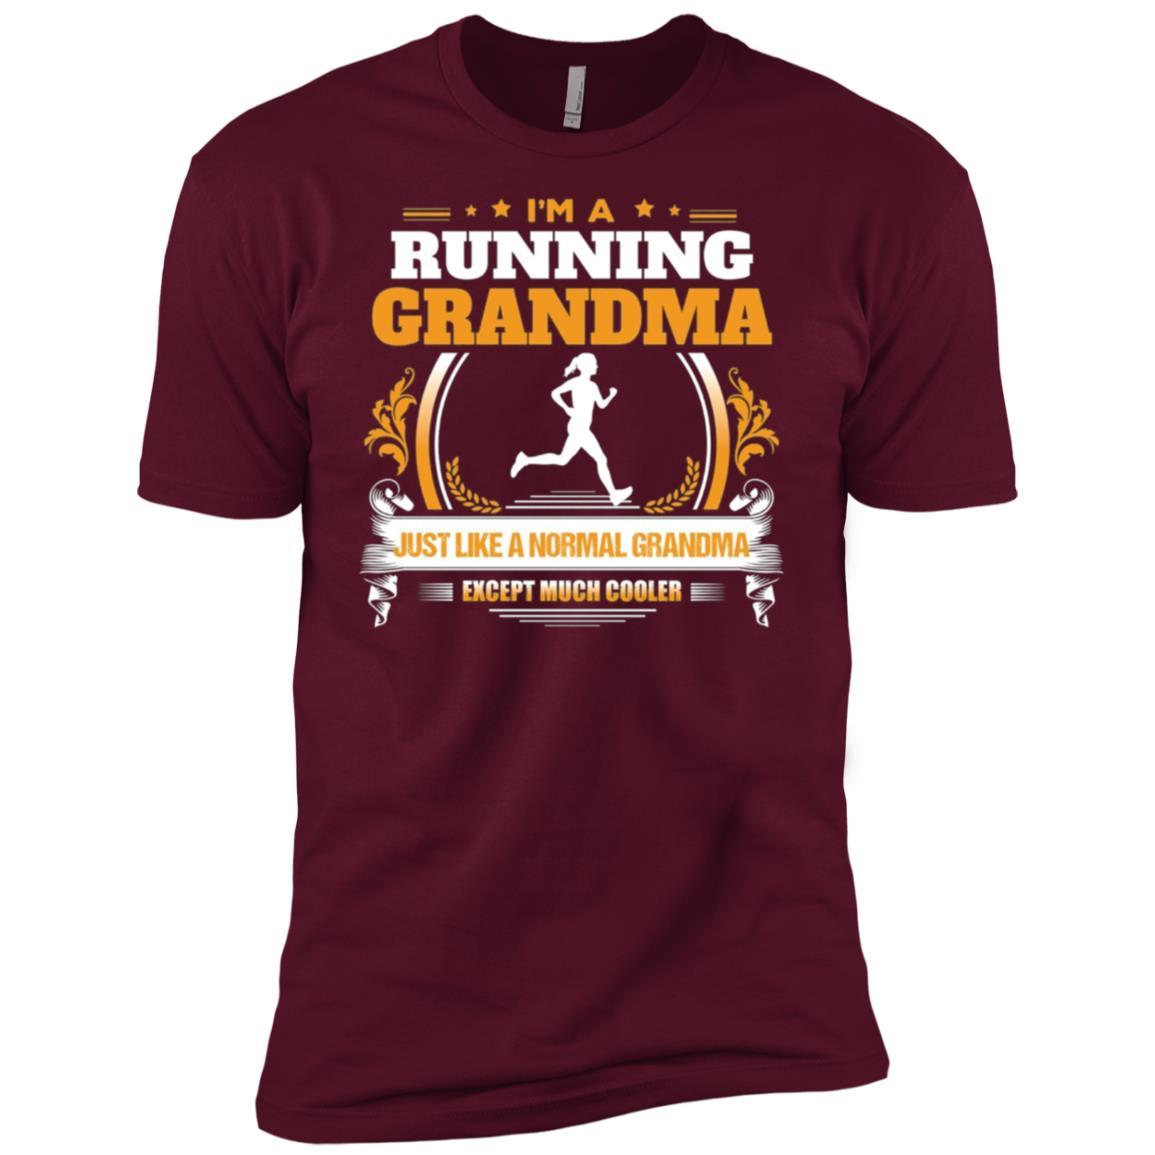 Funny Running Grandma Christmas Gift for Grandma Men Short Sleeve T-Shirt